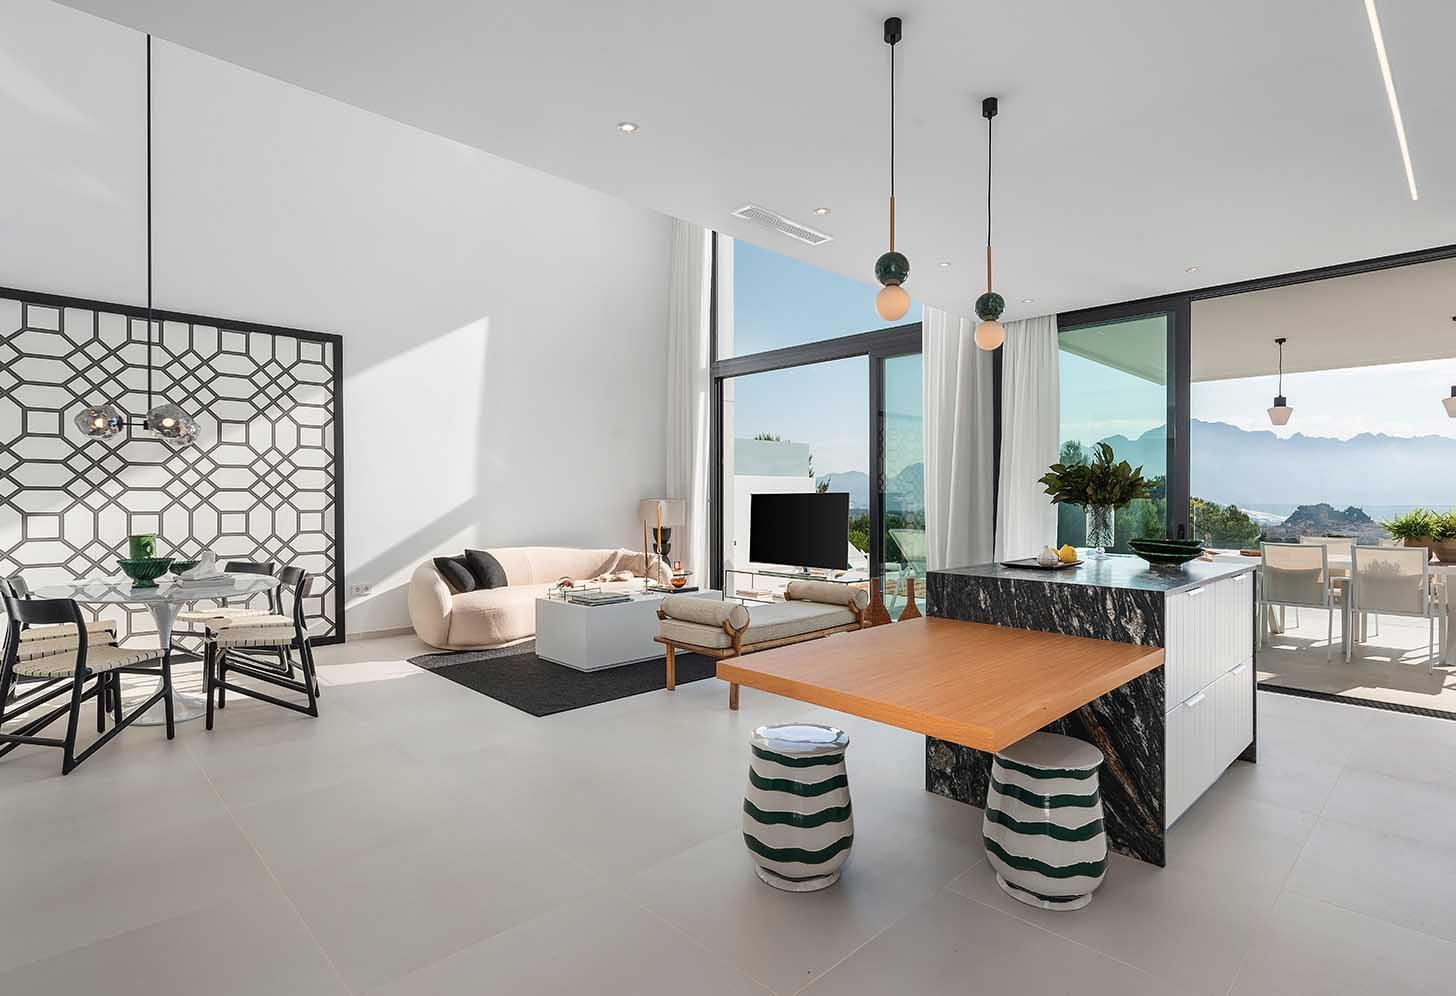 immobilier neuf espagne costa blanca alicante polop salon